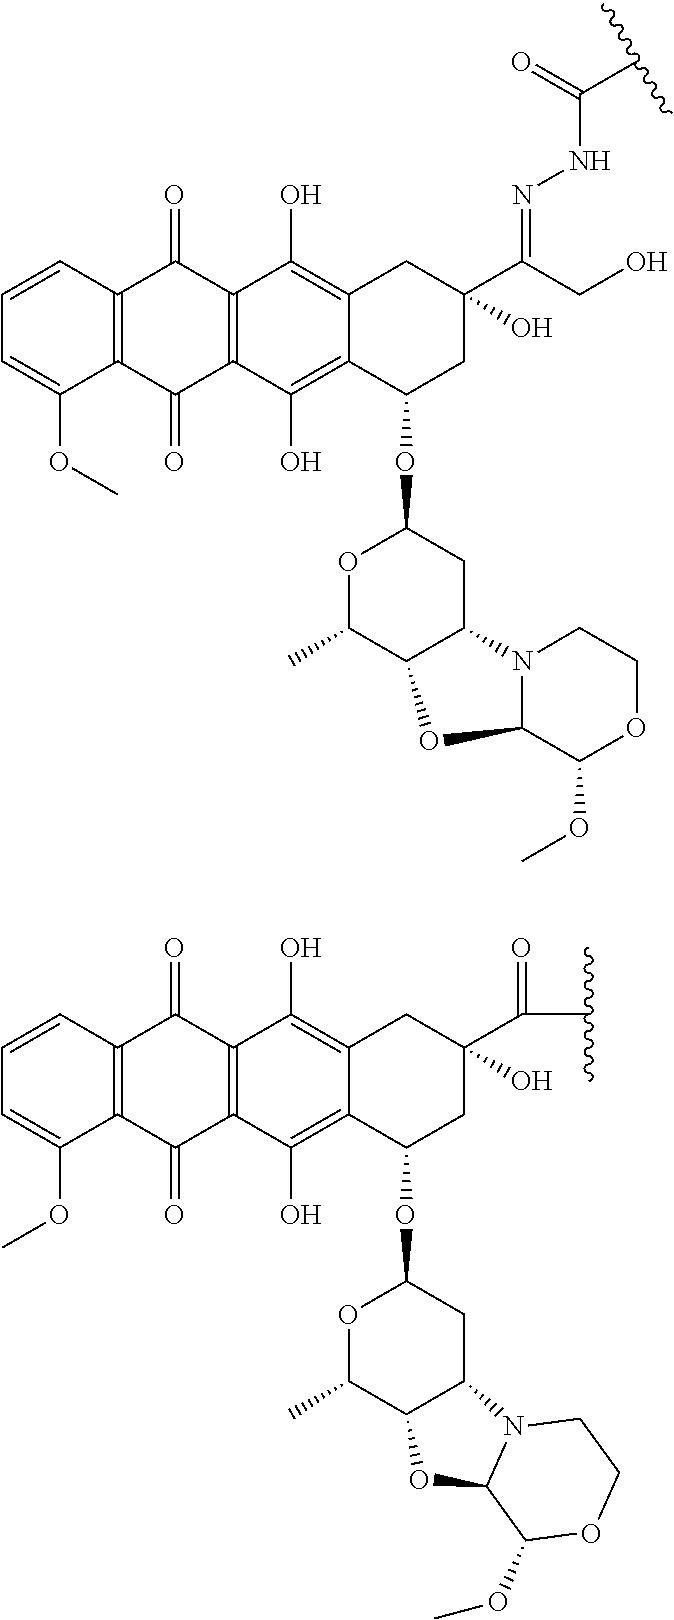 Figure US09695240-20170704-C00004